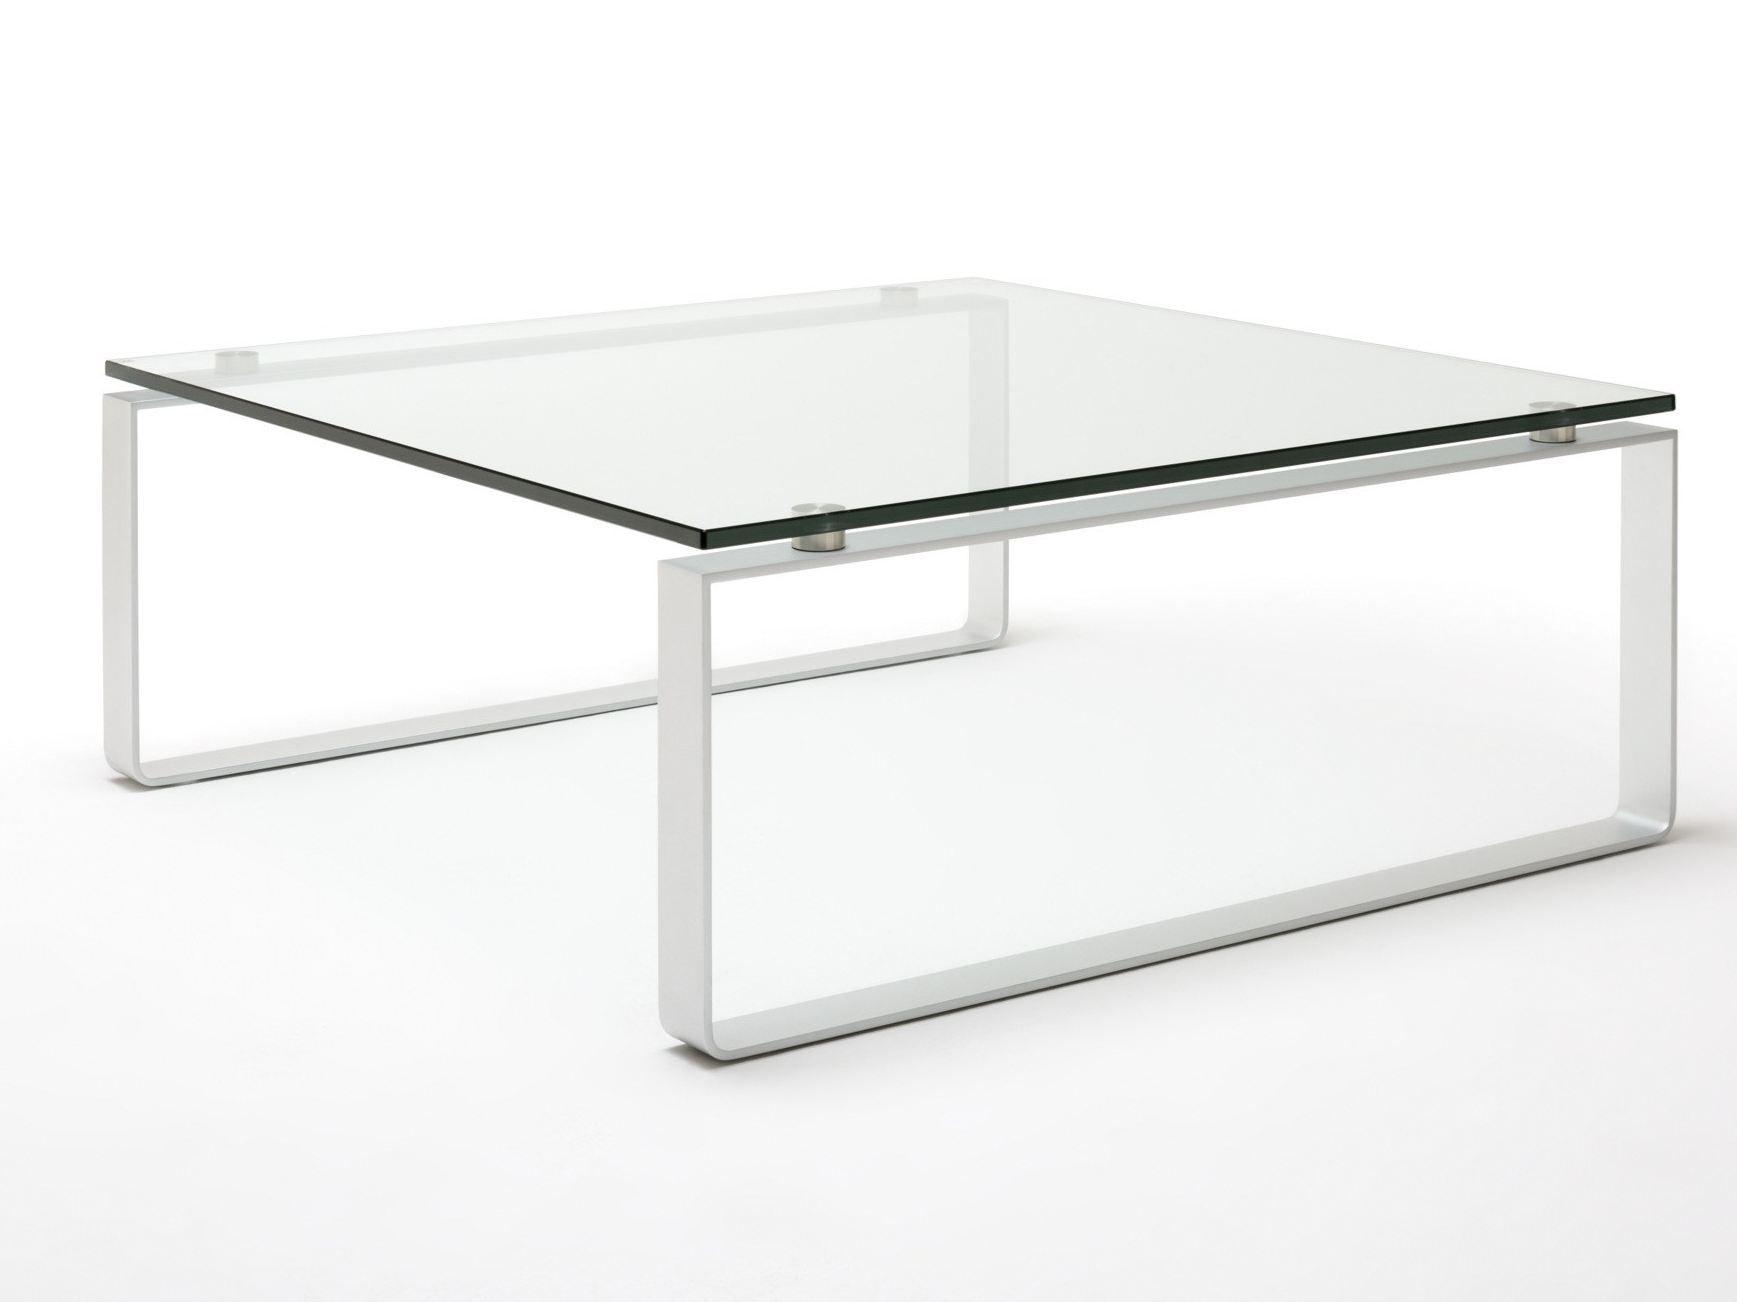 rolf benz couchtisch glas couchtisch float glas wei von. Black Bedroom Furniture Sets. Home Design Ideas